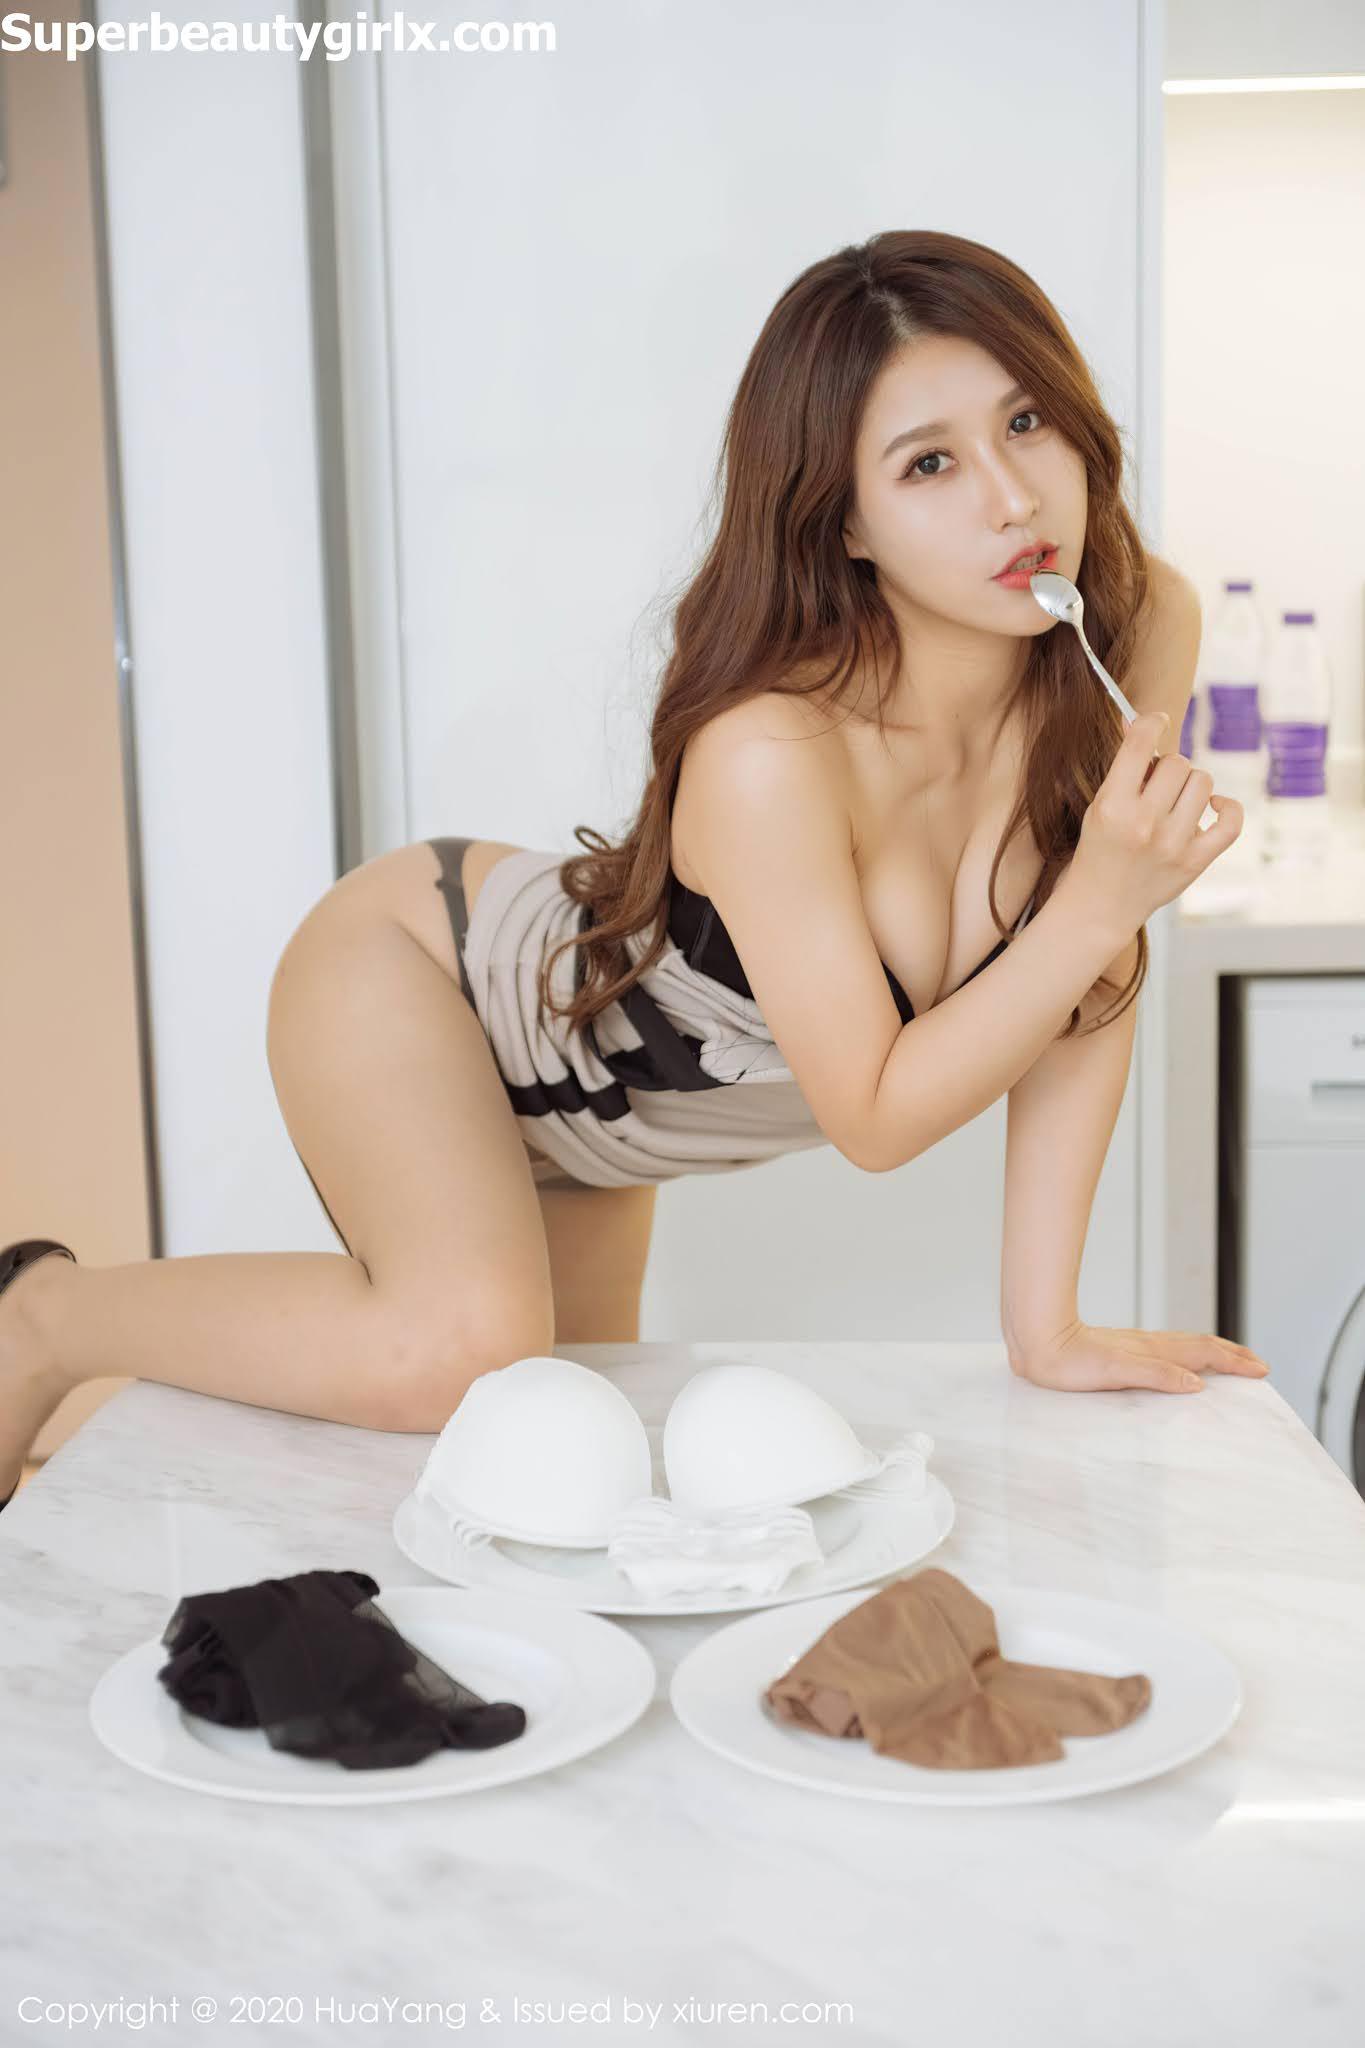 HuaYang-Vol.309-Xu-An-An-Superbeautygirlx.com